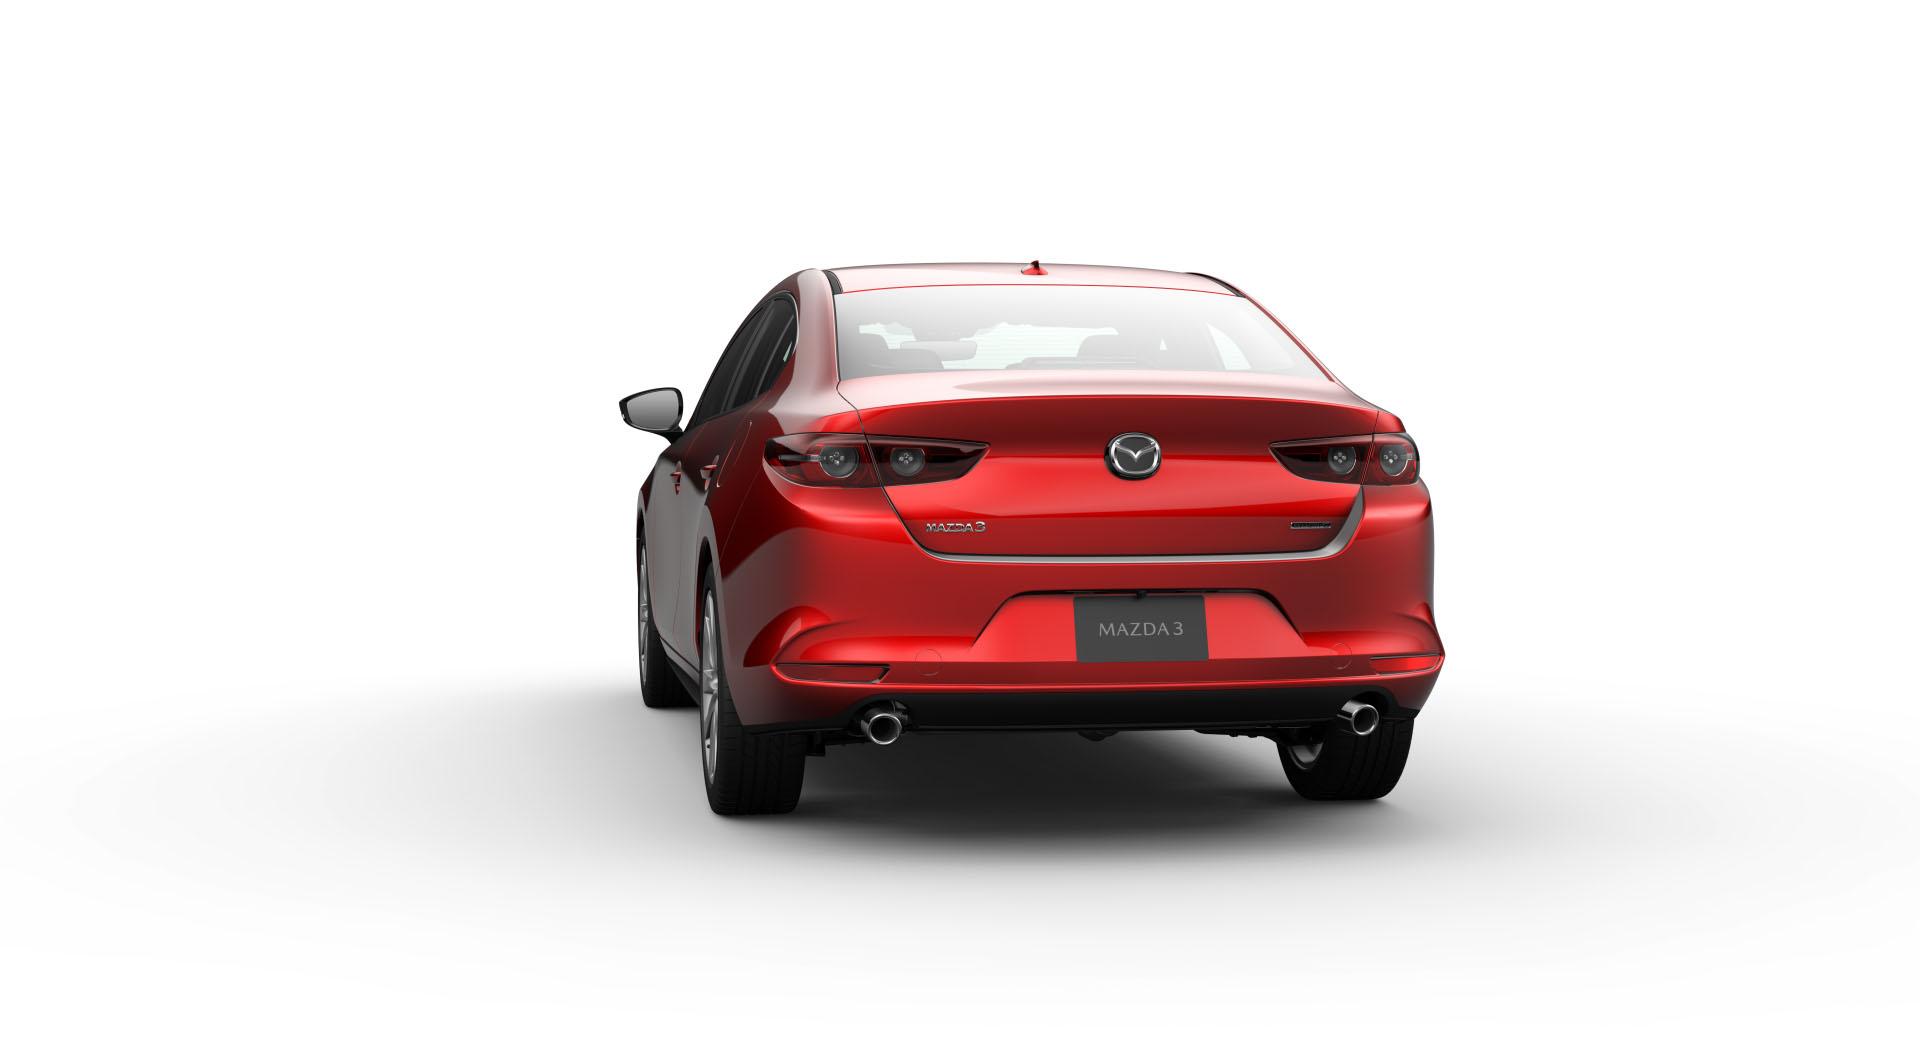 Mazda Mx3 2016 >> Taysin Uusi Mazda3